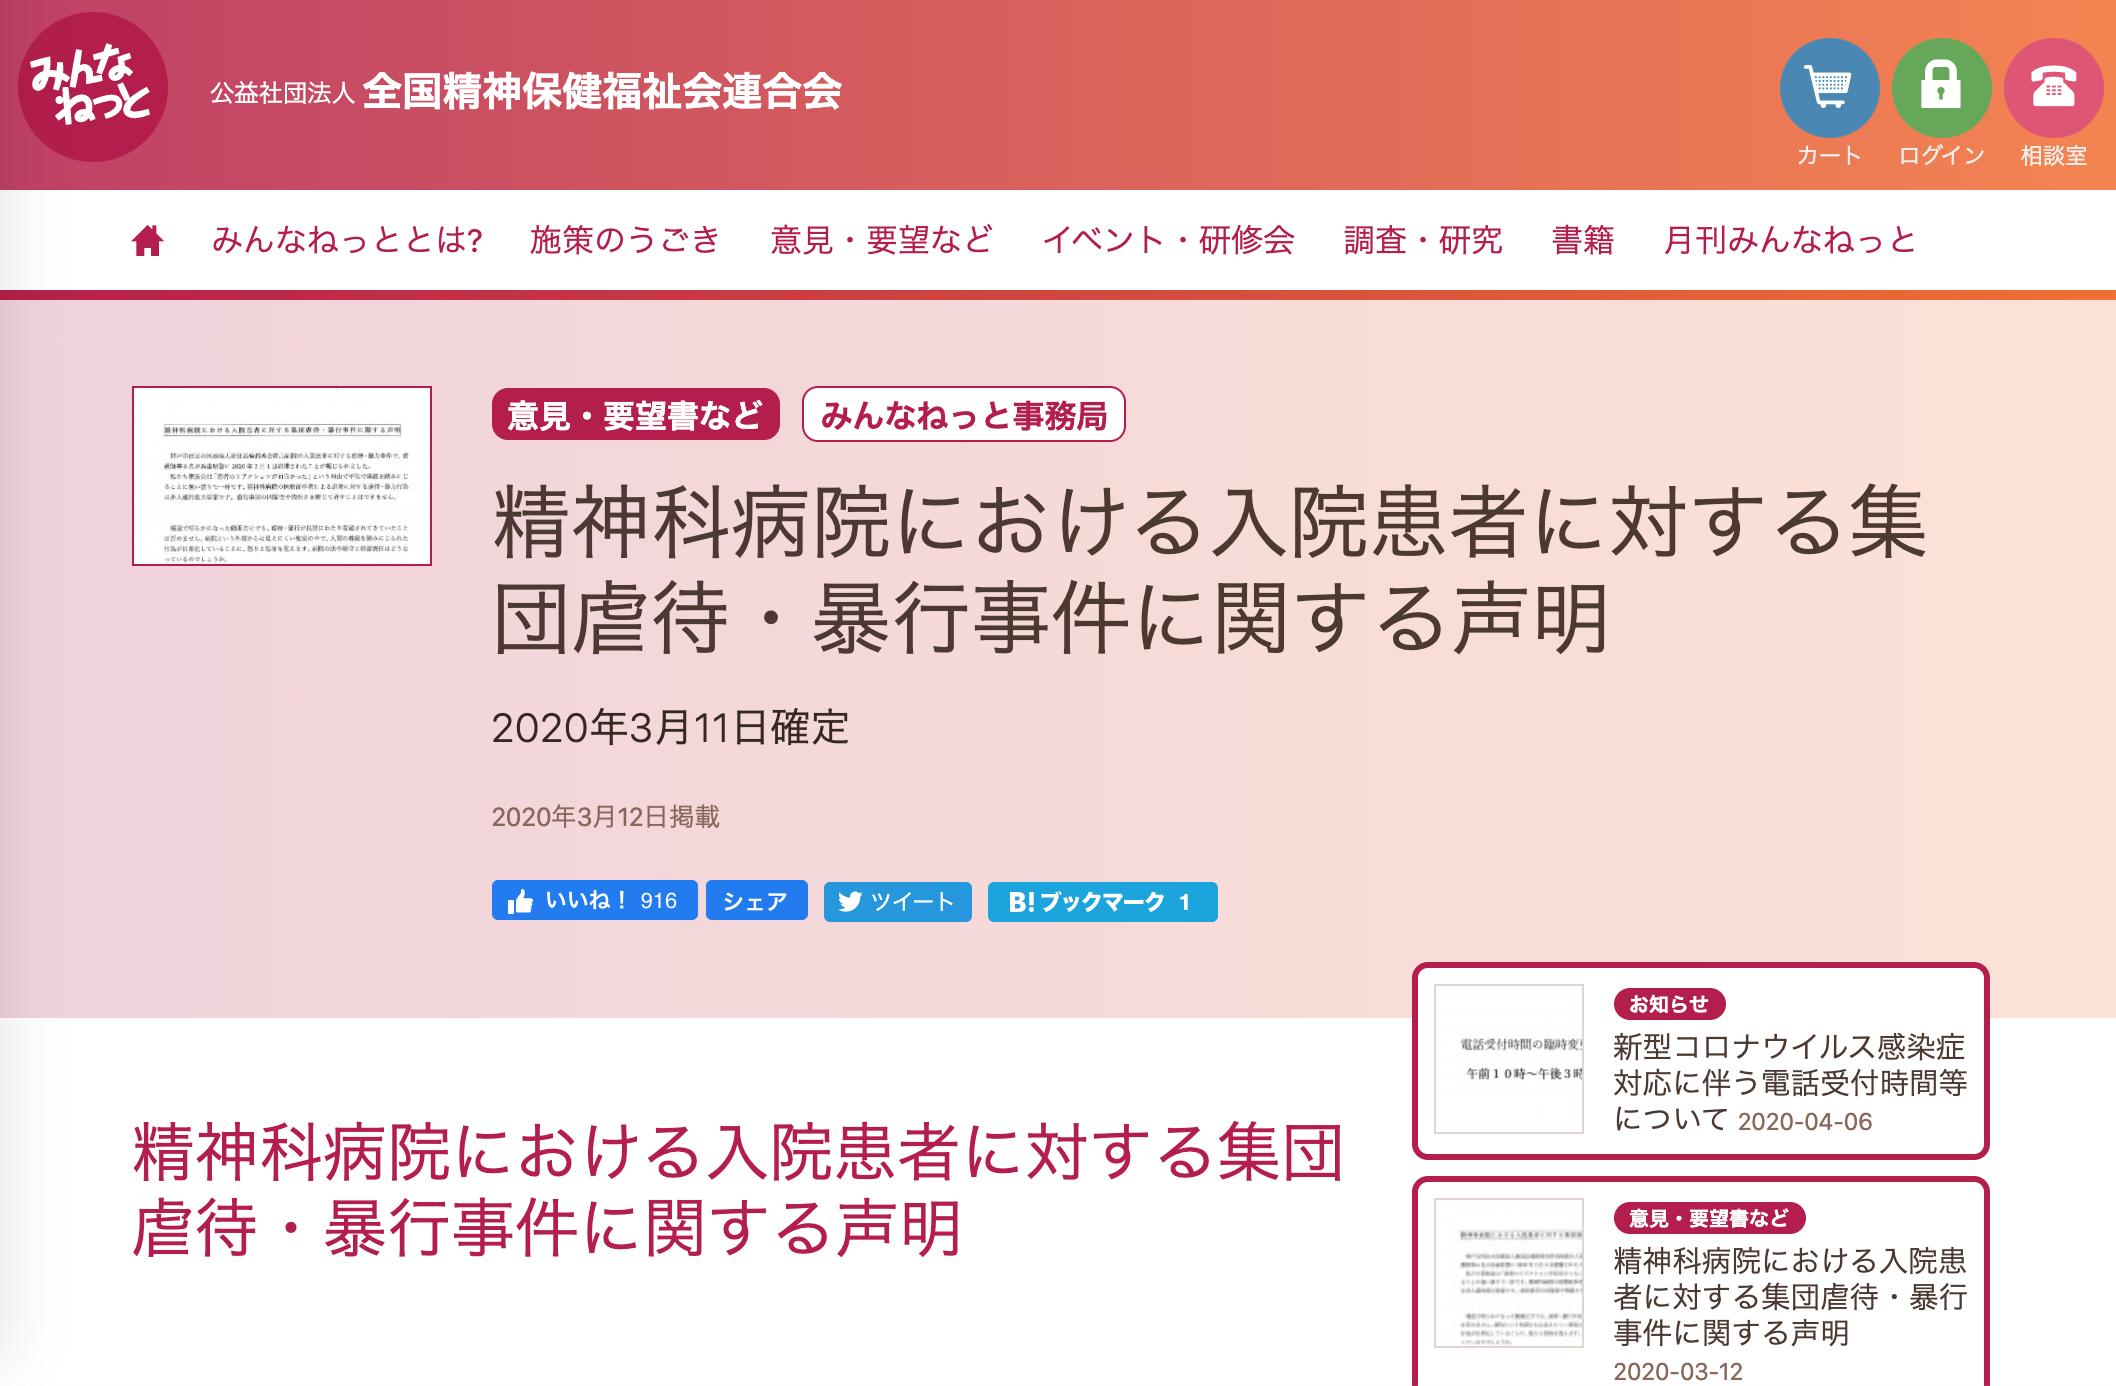 神戸・神出病院 入院患者に対する虐待・暴力事件に対する声明